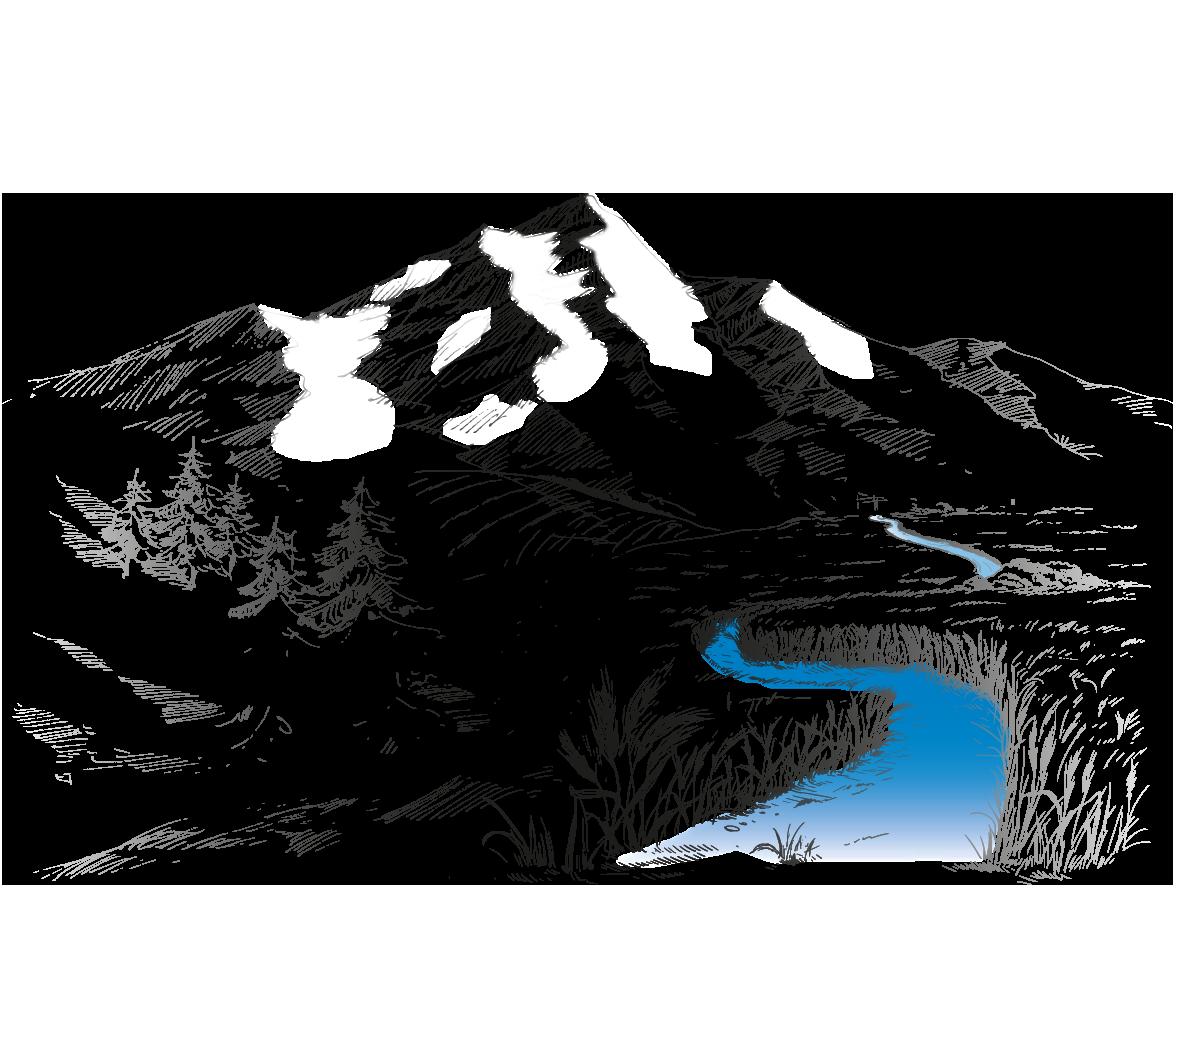 Snowaters Organic Vodka Mountain Illustration